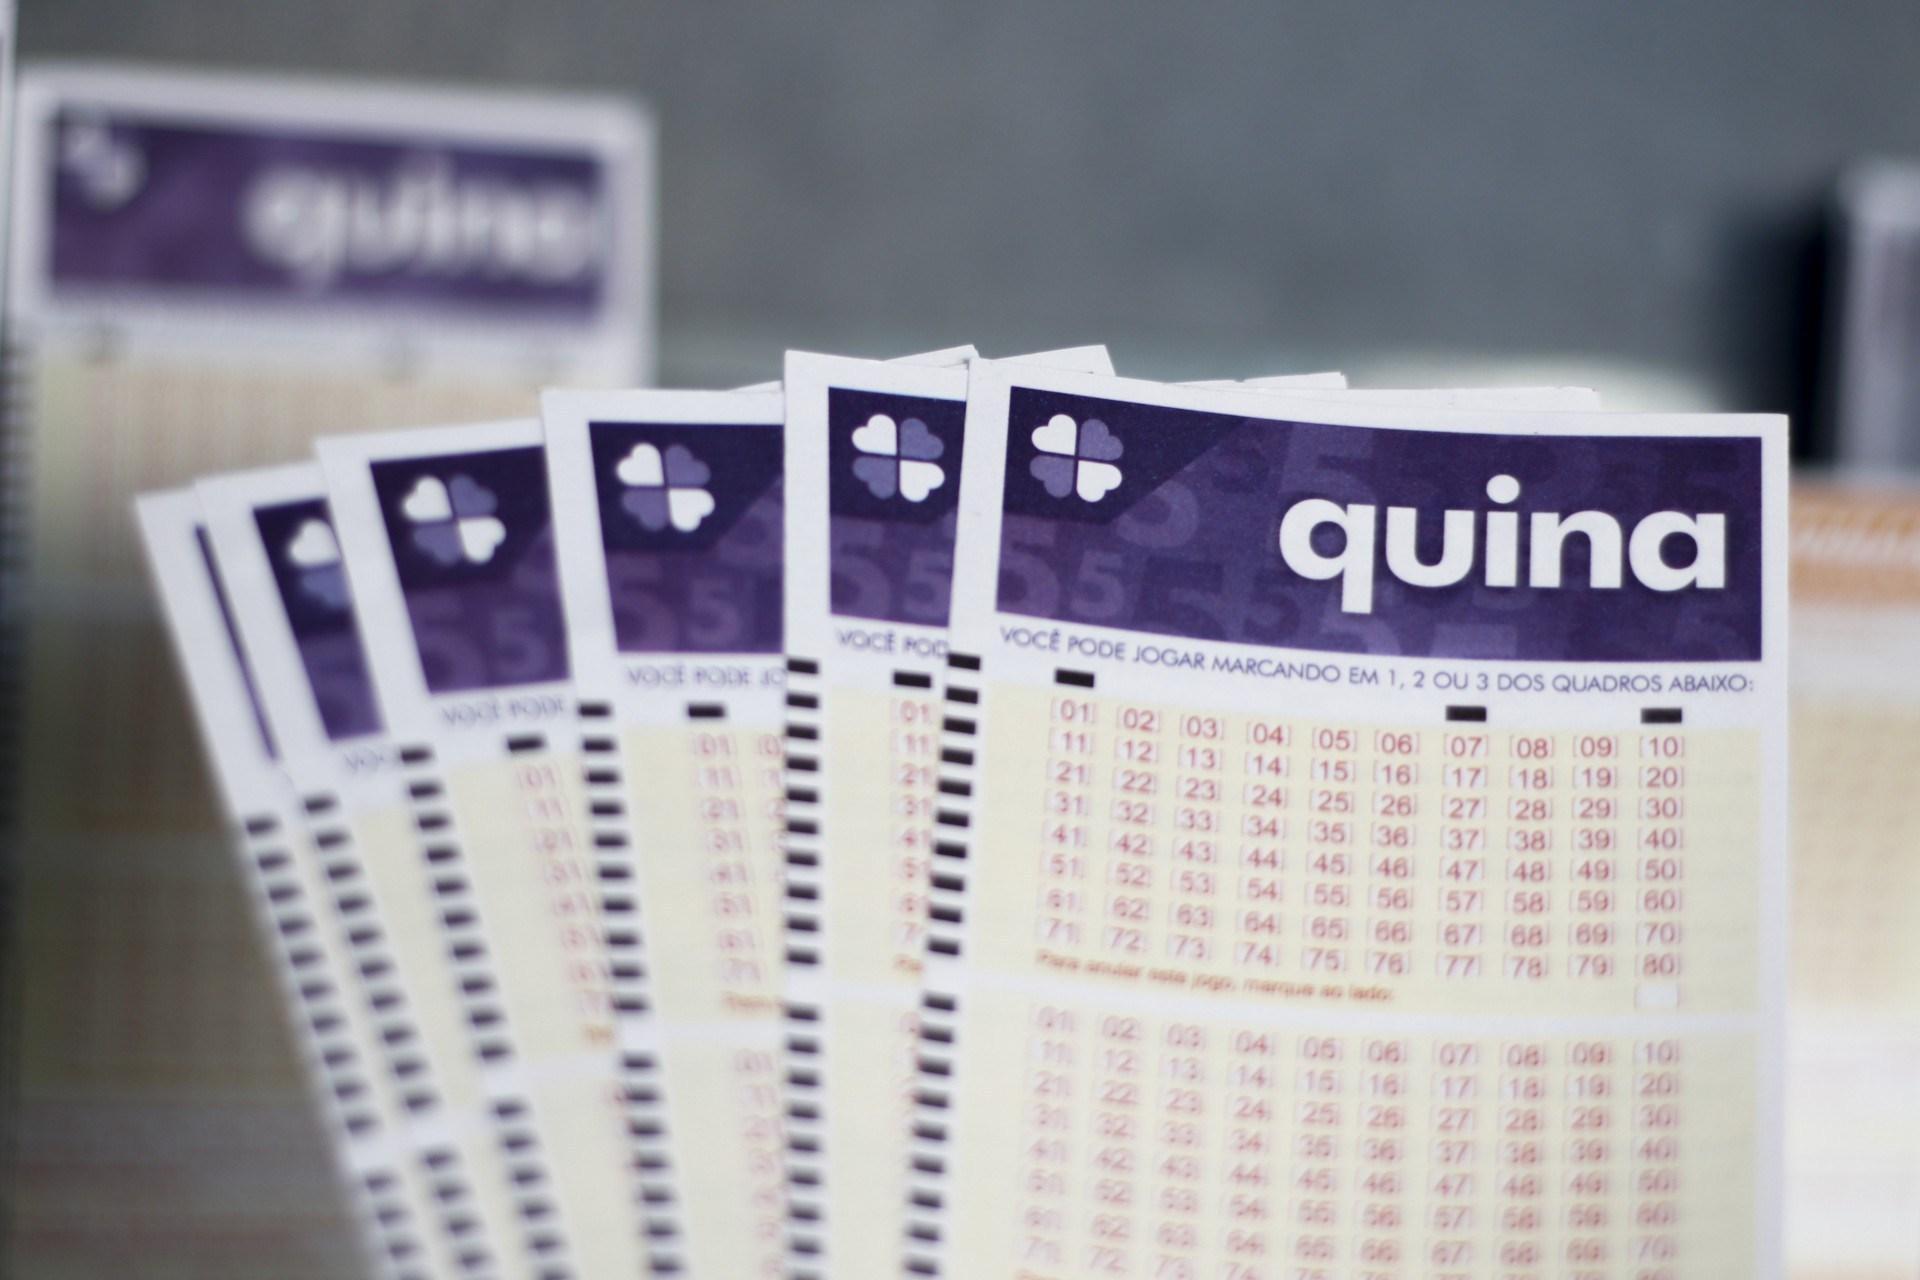 Resultado da Quina - A imagem mostra um leque de volantes da Quina